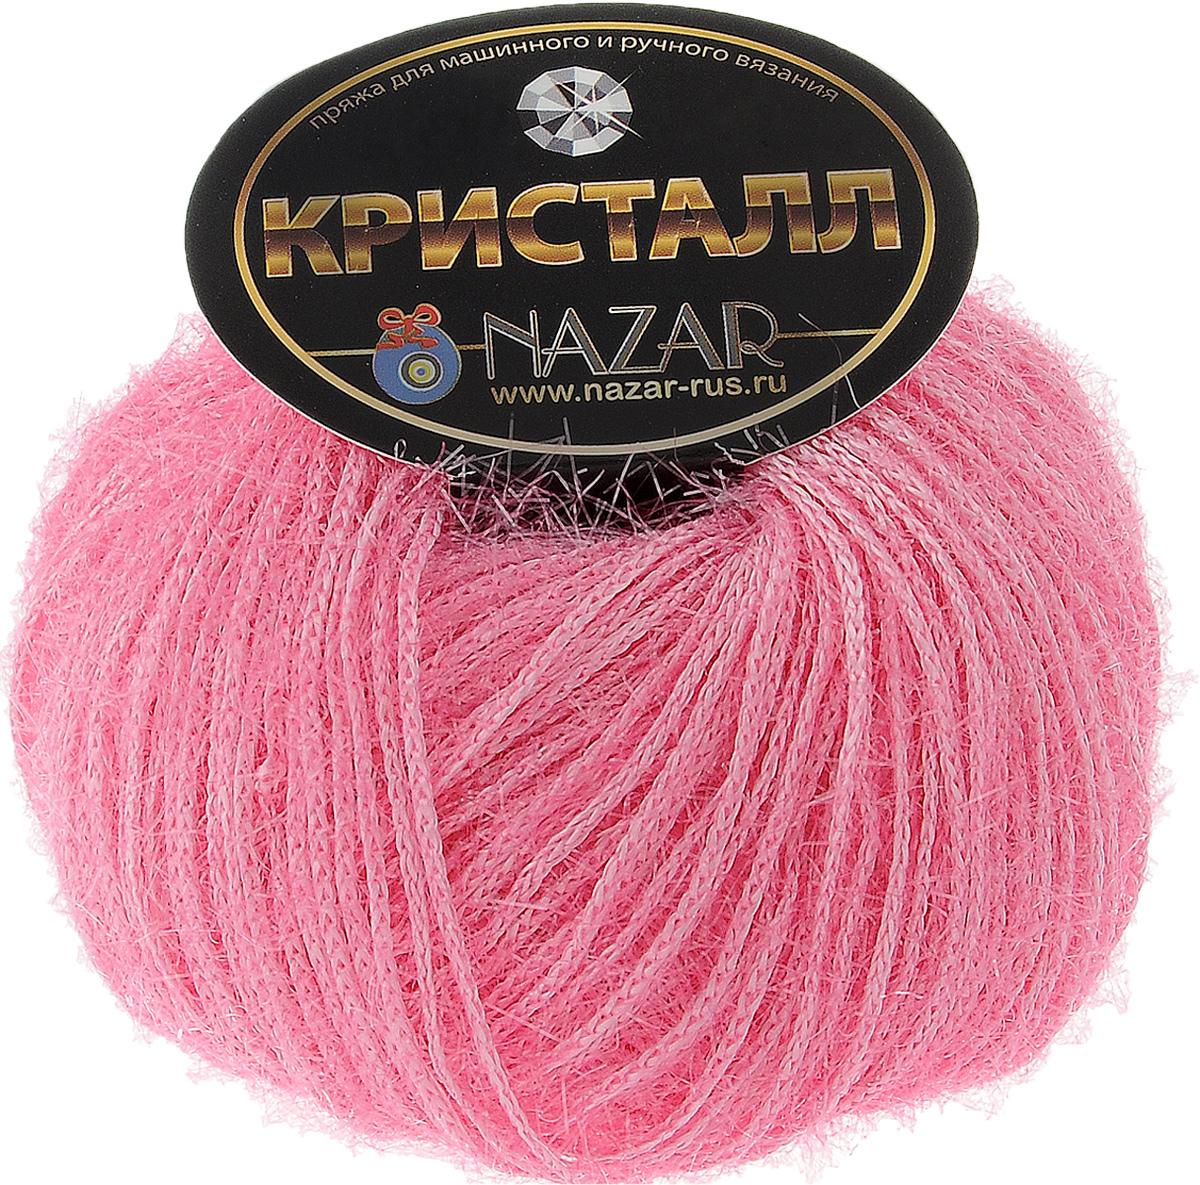 Пряжа для вязания Nazar Кристалл, цвет: розовый (105), 125 м, 50 г, 10 шт349005_105Пряжа Nazar Кристалл - это фантазийная пряжа, изготовленная из люрекса и полиэстера. В изделии из этой пряжи вы не останетесь незамеченной, а новогодние игрушки из этой пряжи будут неповторимыми. Изделия практичны в носке и уходе. Рекомендуемые спицы 4-5 мм, крючок 4-5 мм. Комплектация: 10 мотков. Состав: 70% люрекс, 30% полиэстер.